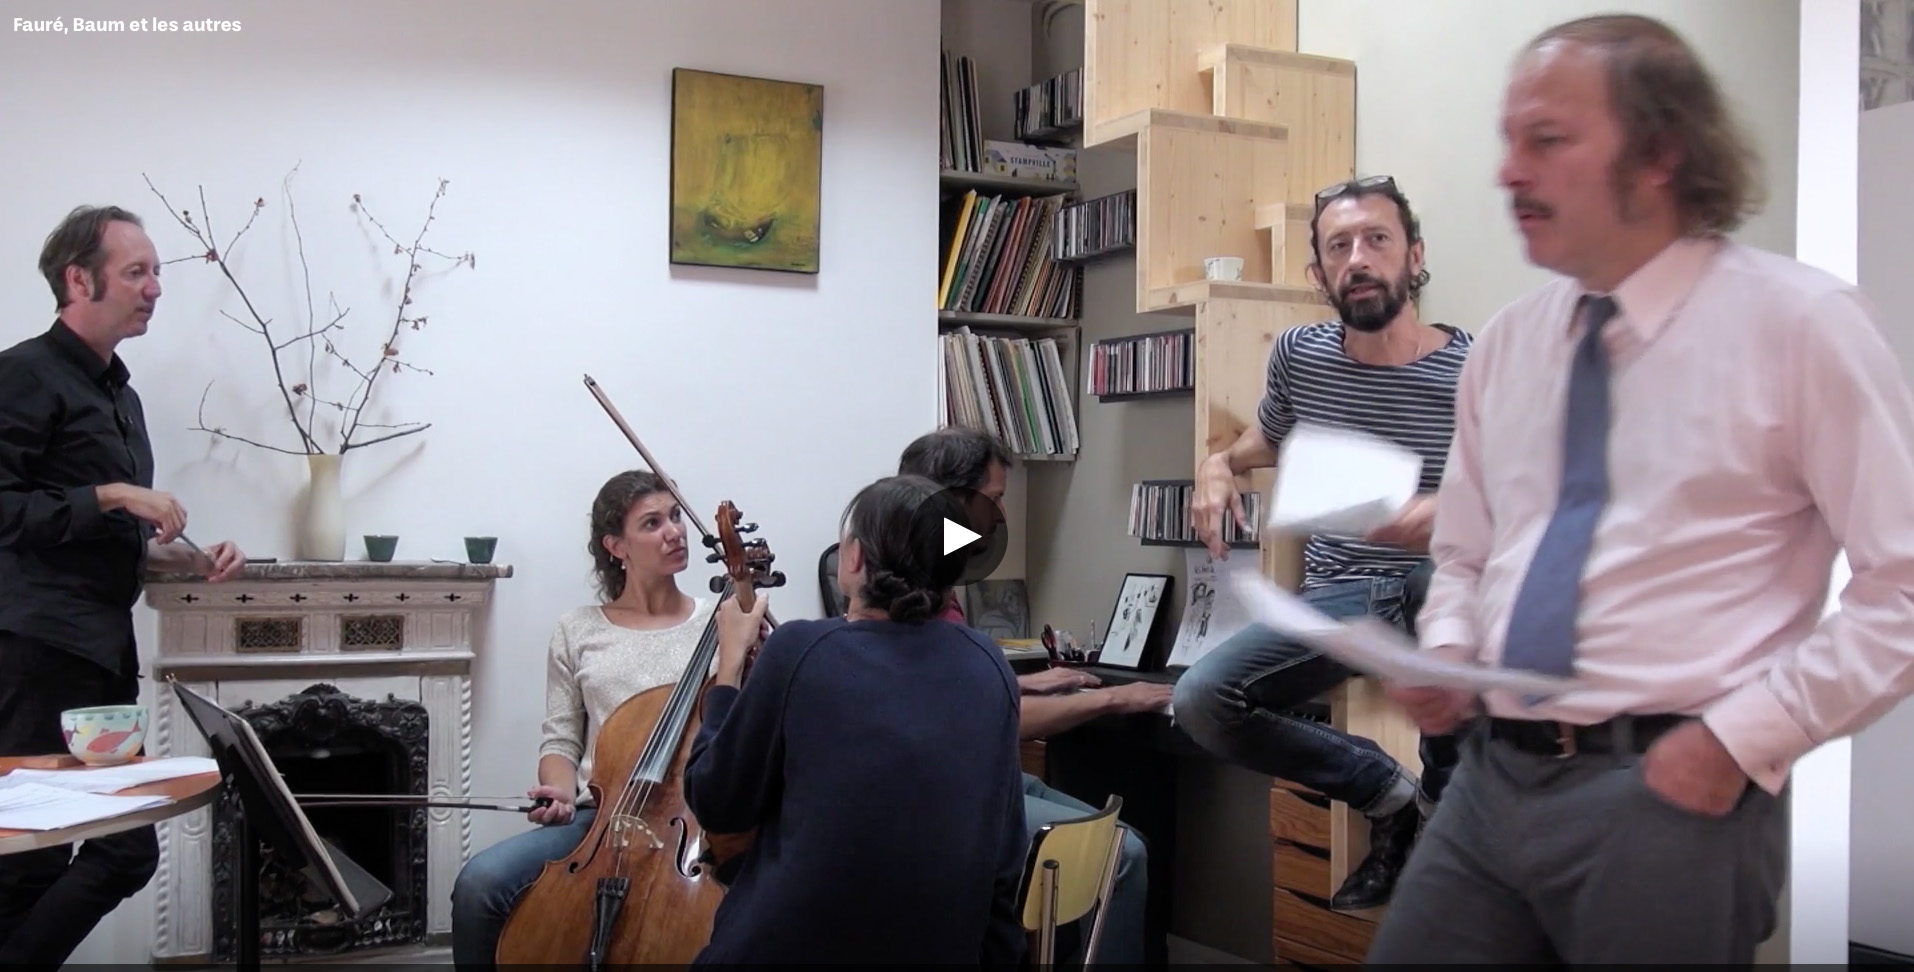 Fauré, Baum et les autres, doc de Pauline Jardel